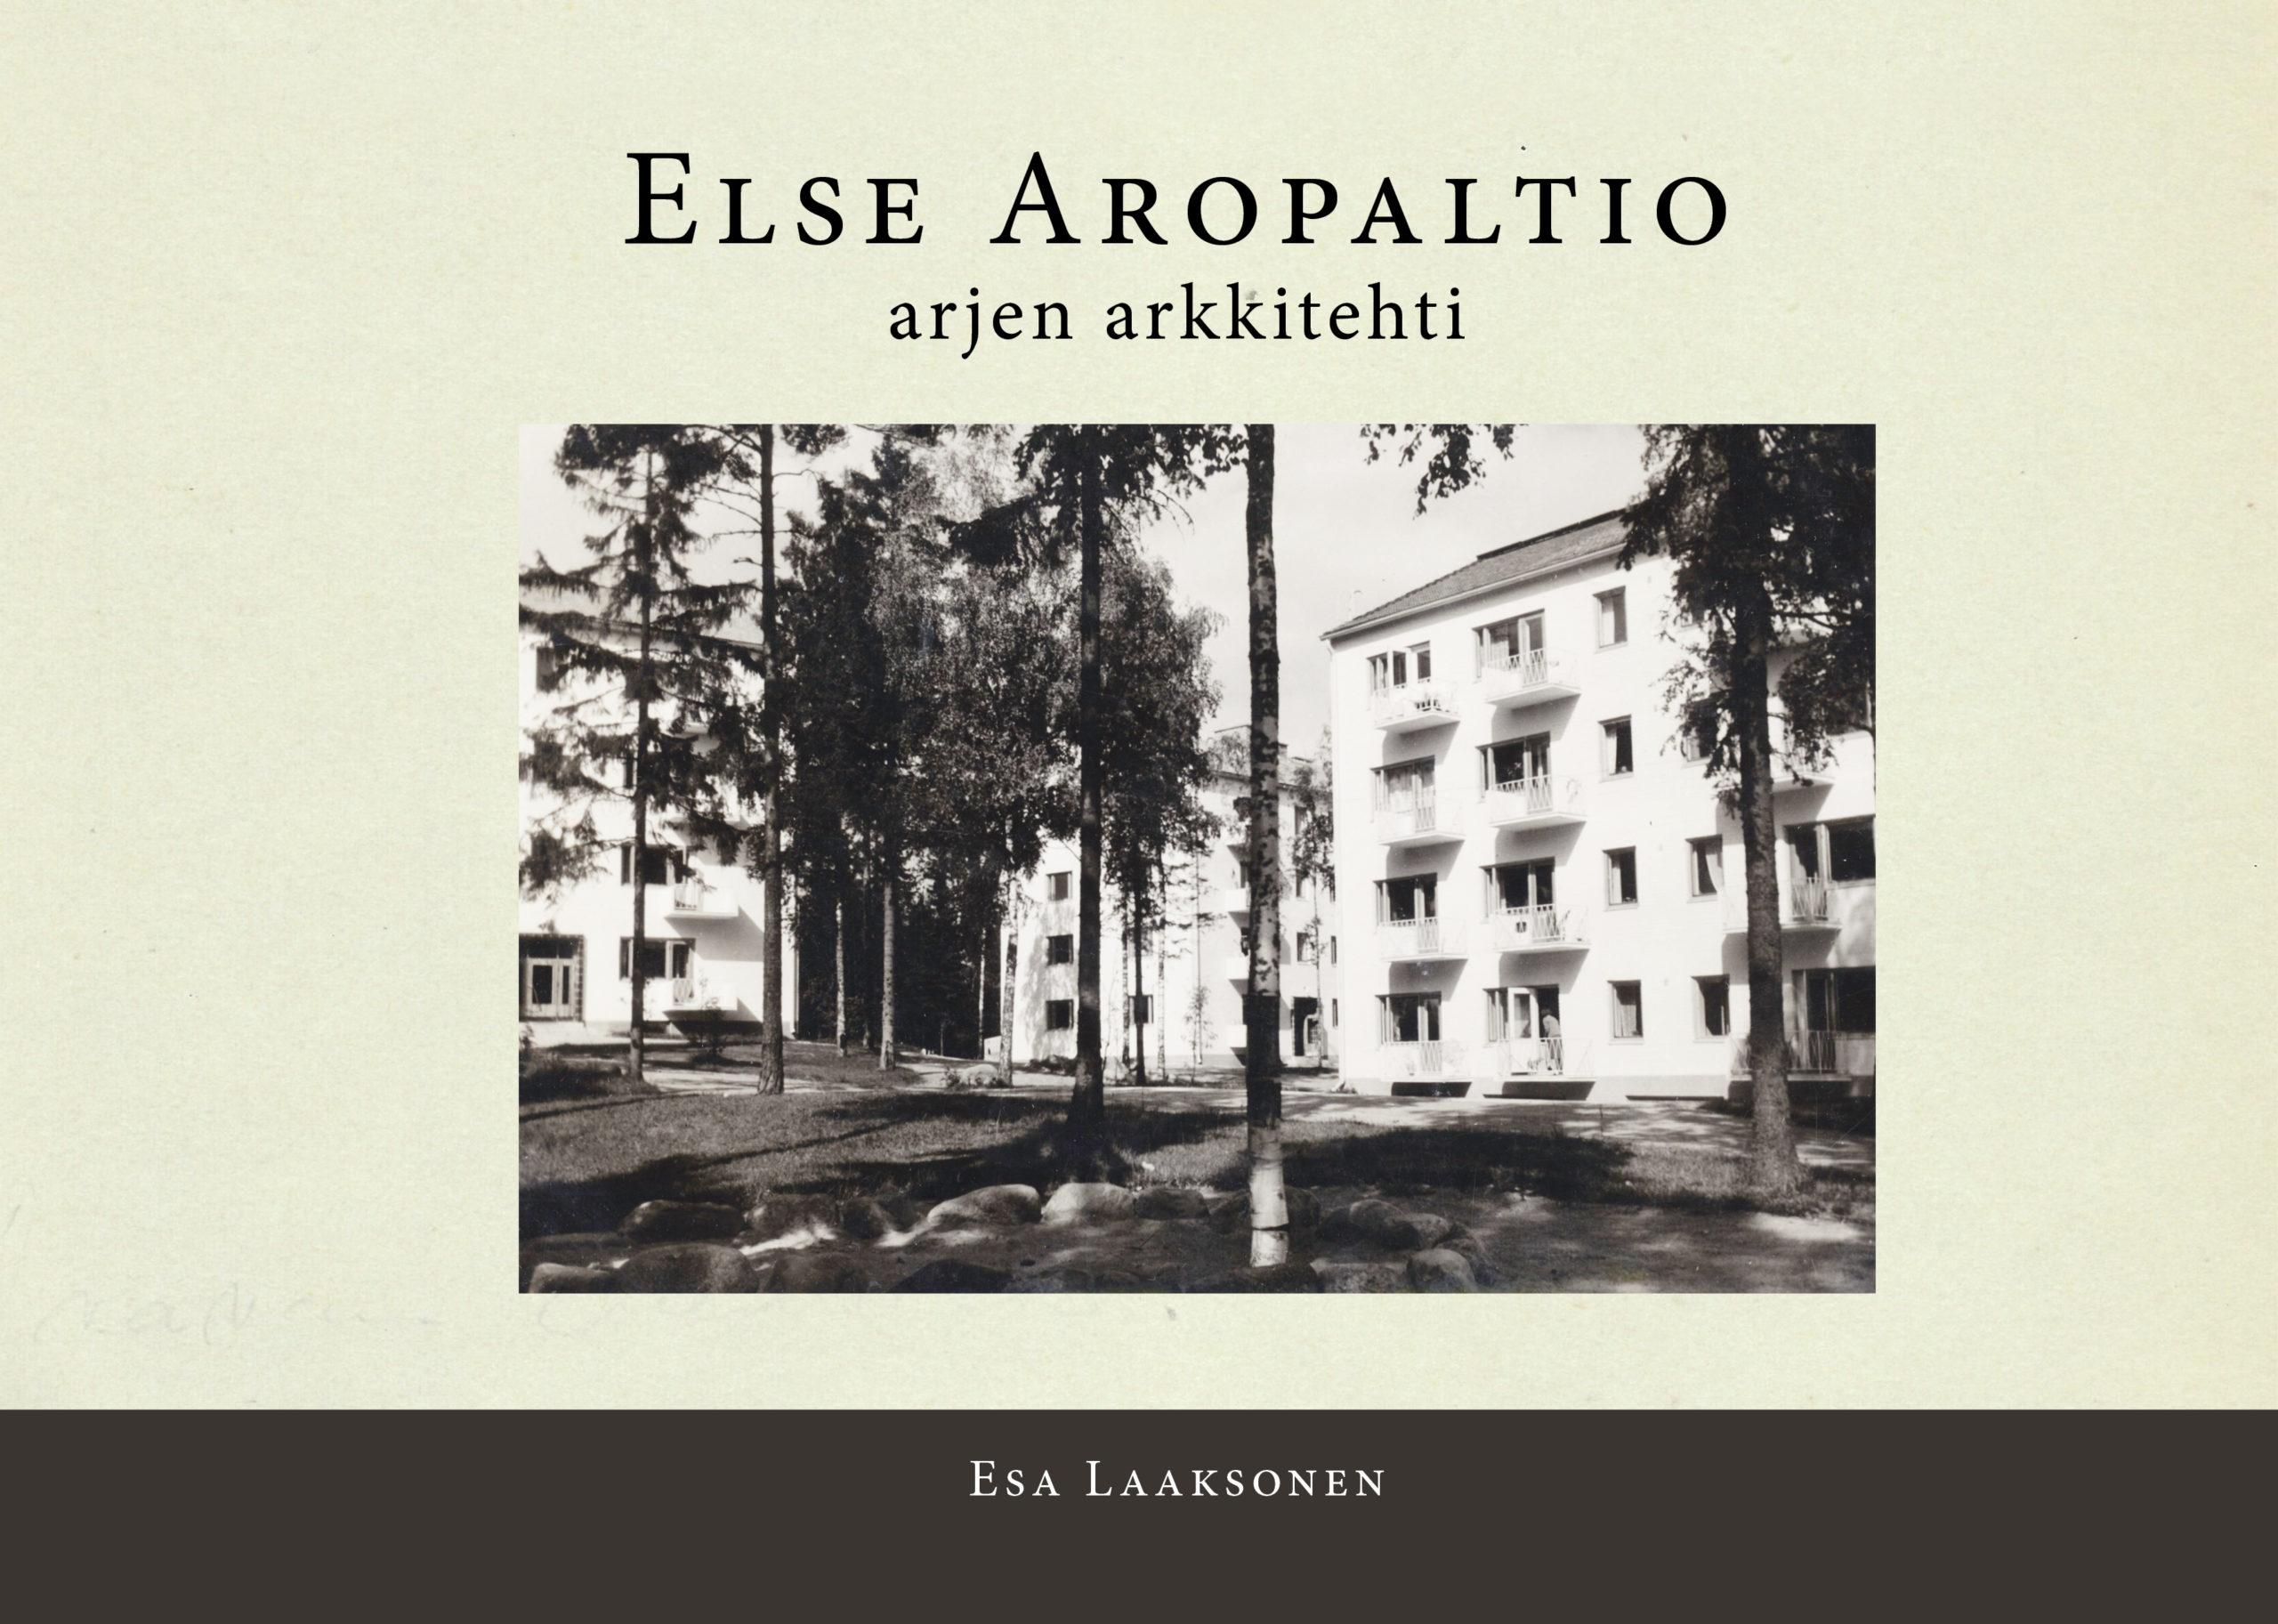 Esa Laaksonen: Else Aropaltio – arjen arkkitehti -kirjan kansikuva